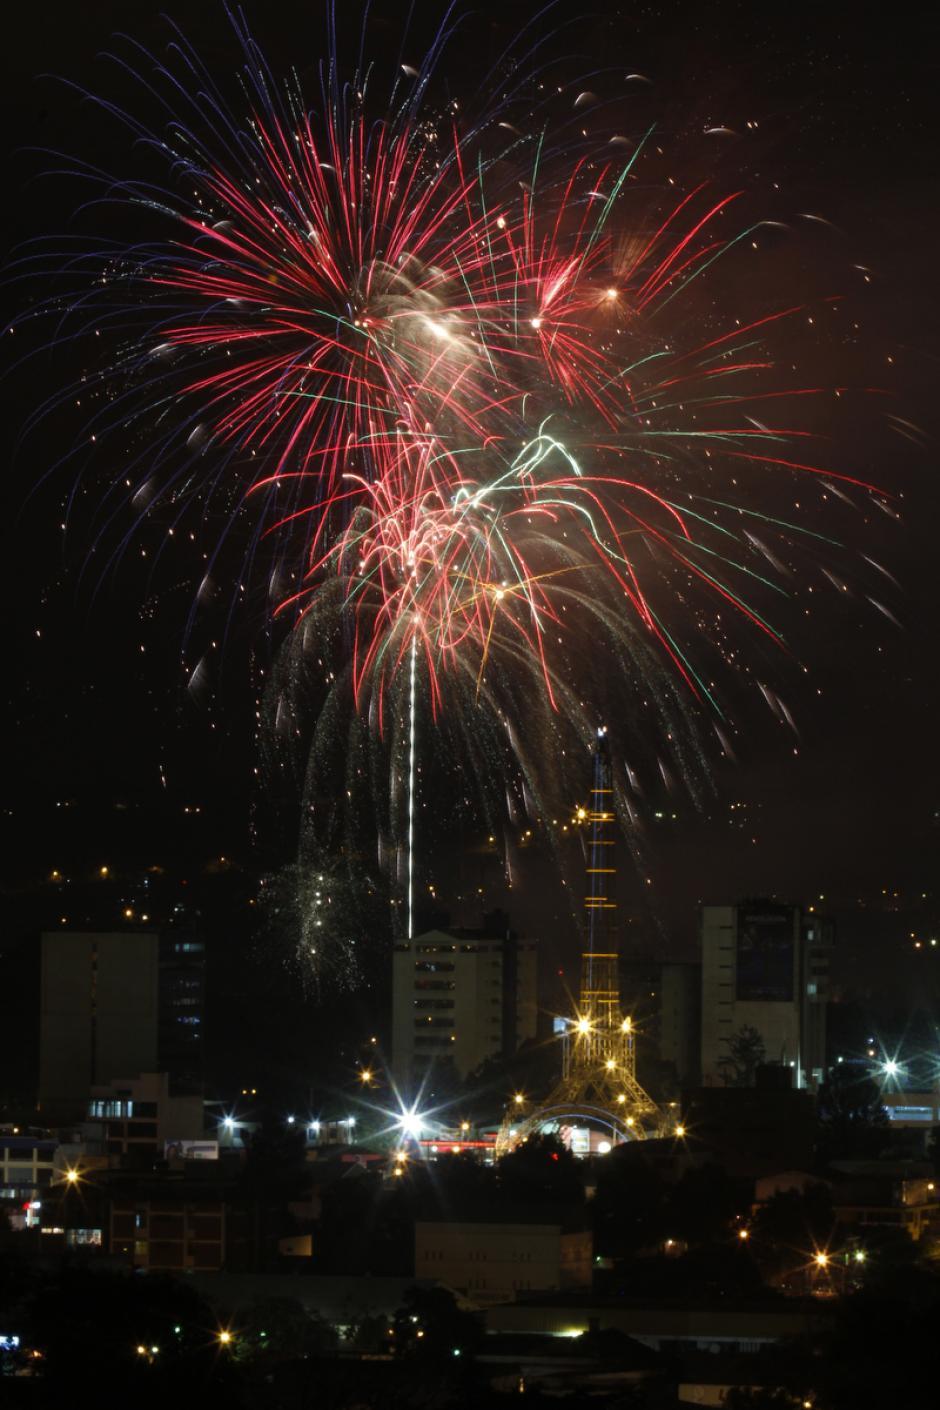 Una lluvia de luces cayó sobre los hogares de miles de guatemaltecos y sobre los lugares más emblemáticos de la ciudad, como la Torre del Reformador. (Deccio Serrano/Soy502 y Nuestro Diario).